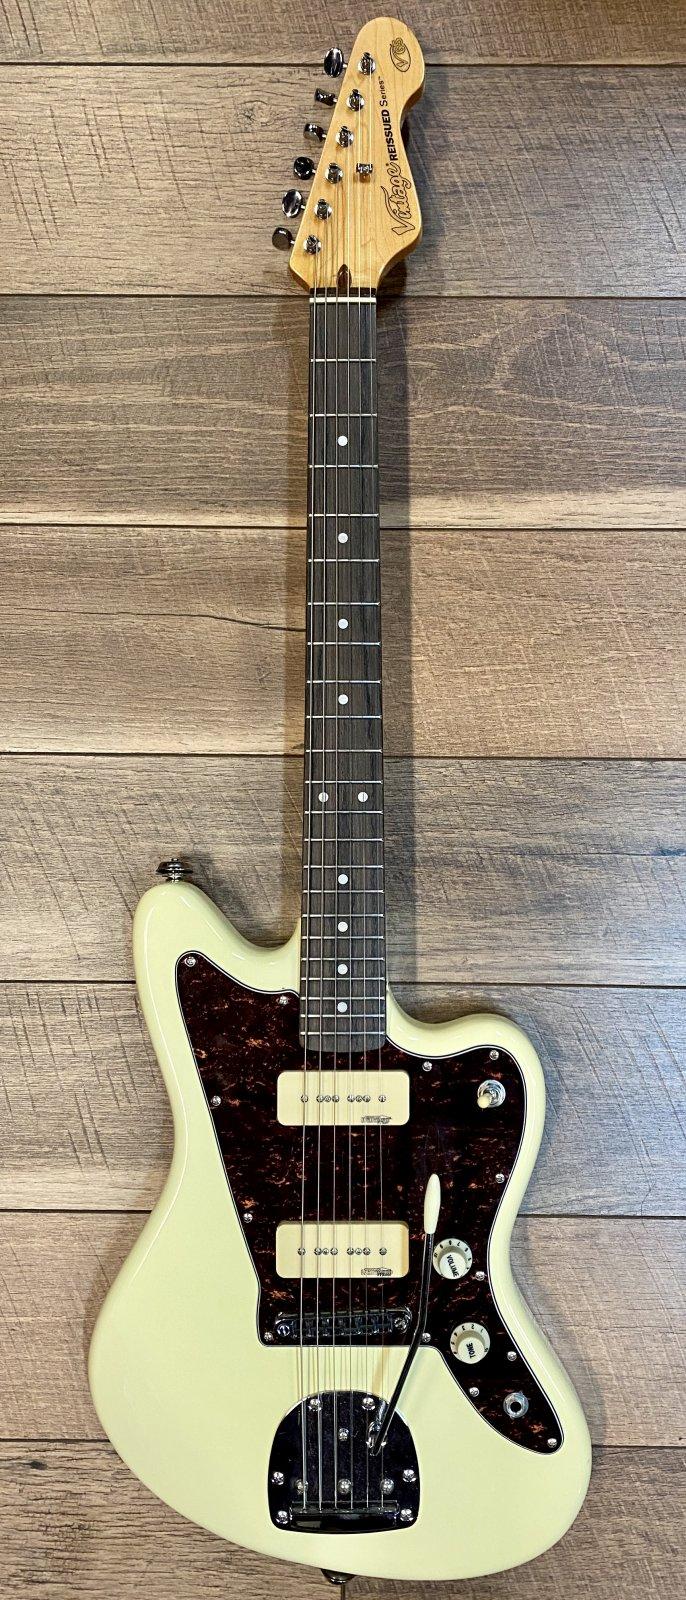 USED - Vintage V65VVW Electric Guitar